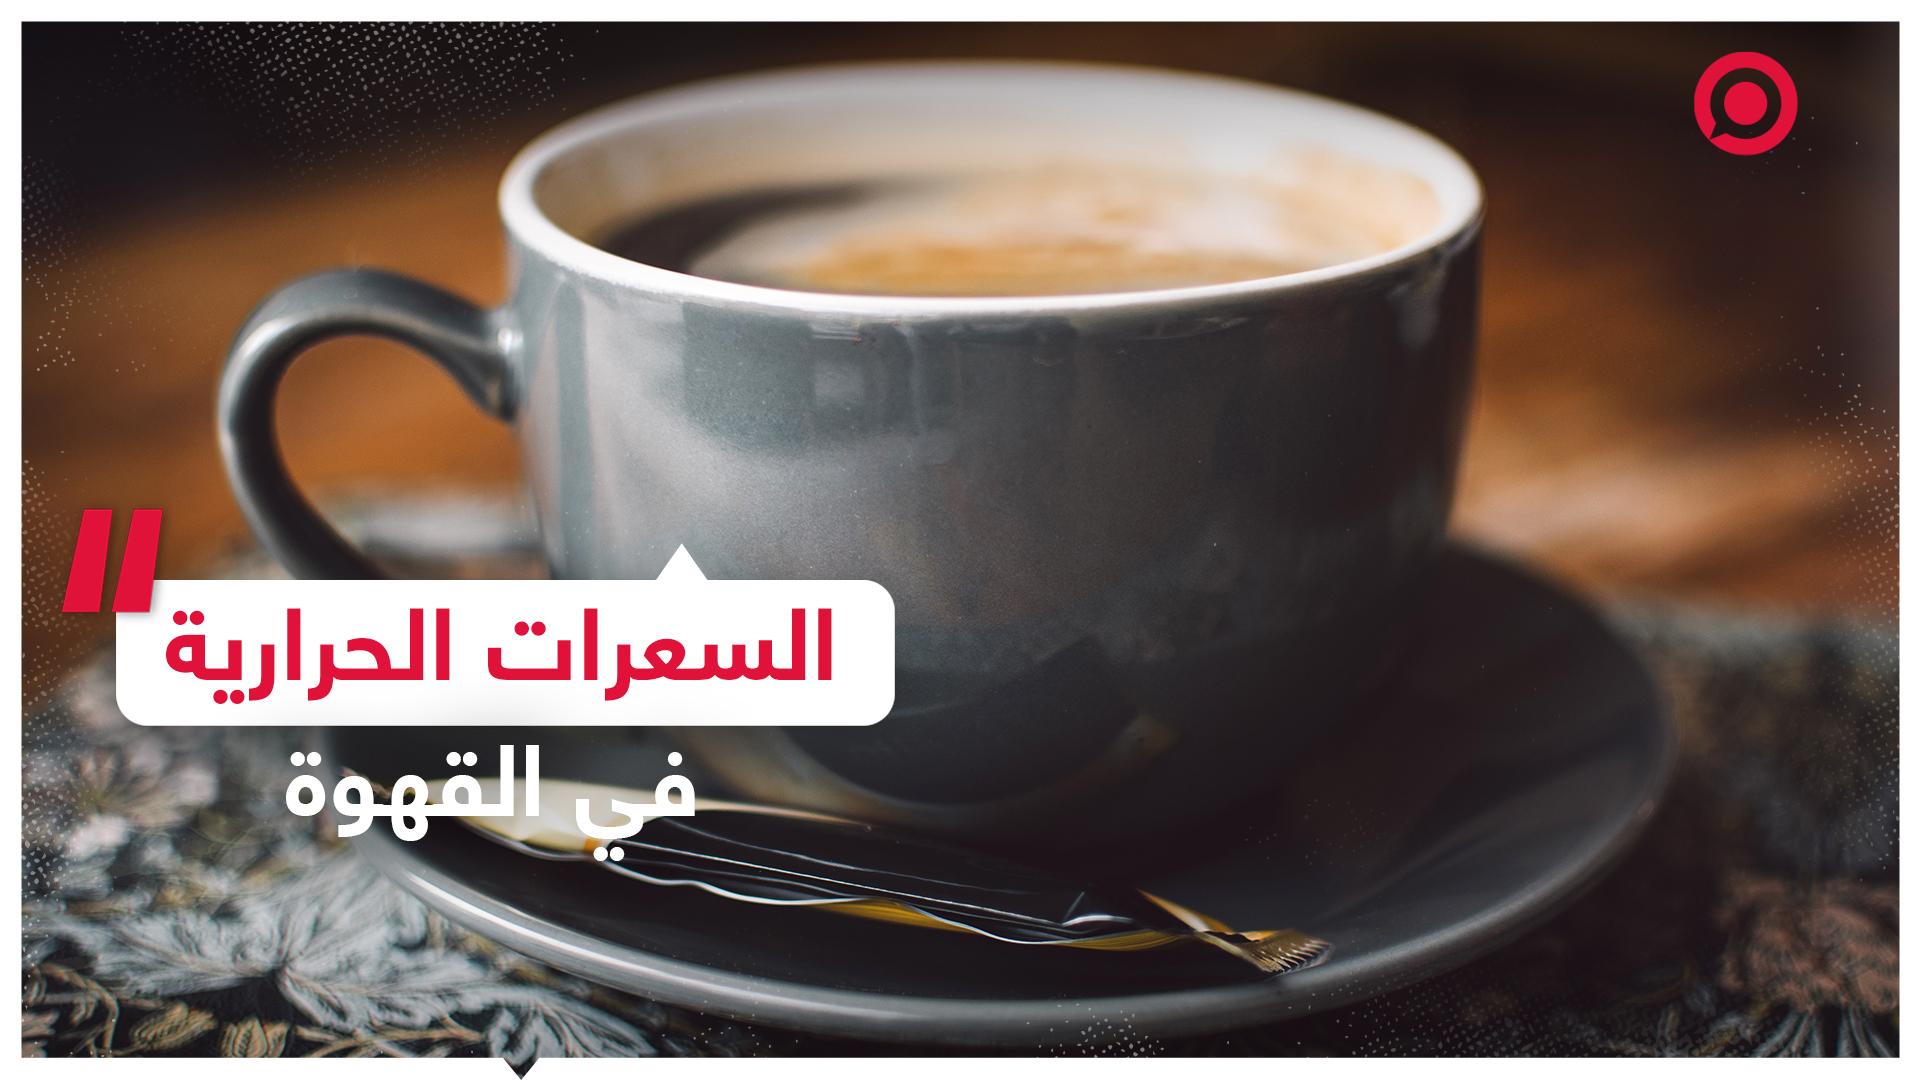 عدد السعرات الحرارية في القهوة السوداء